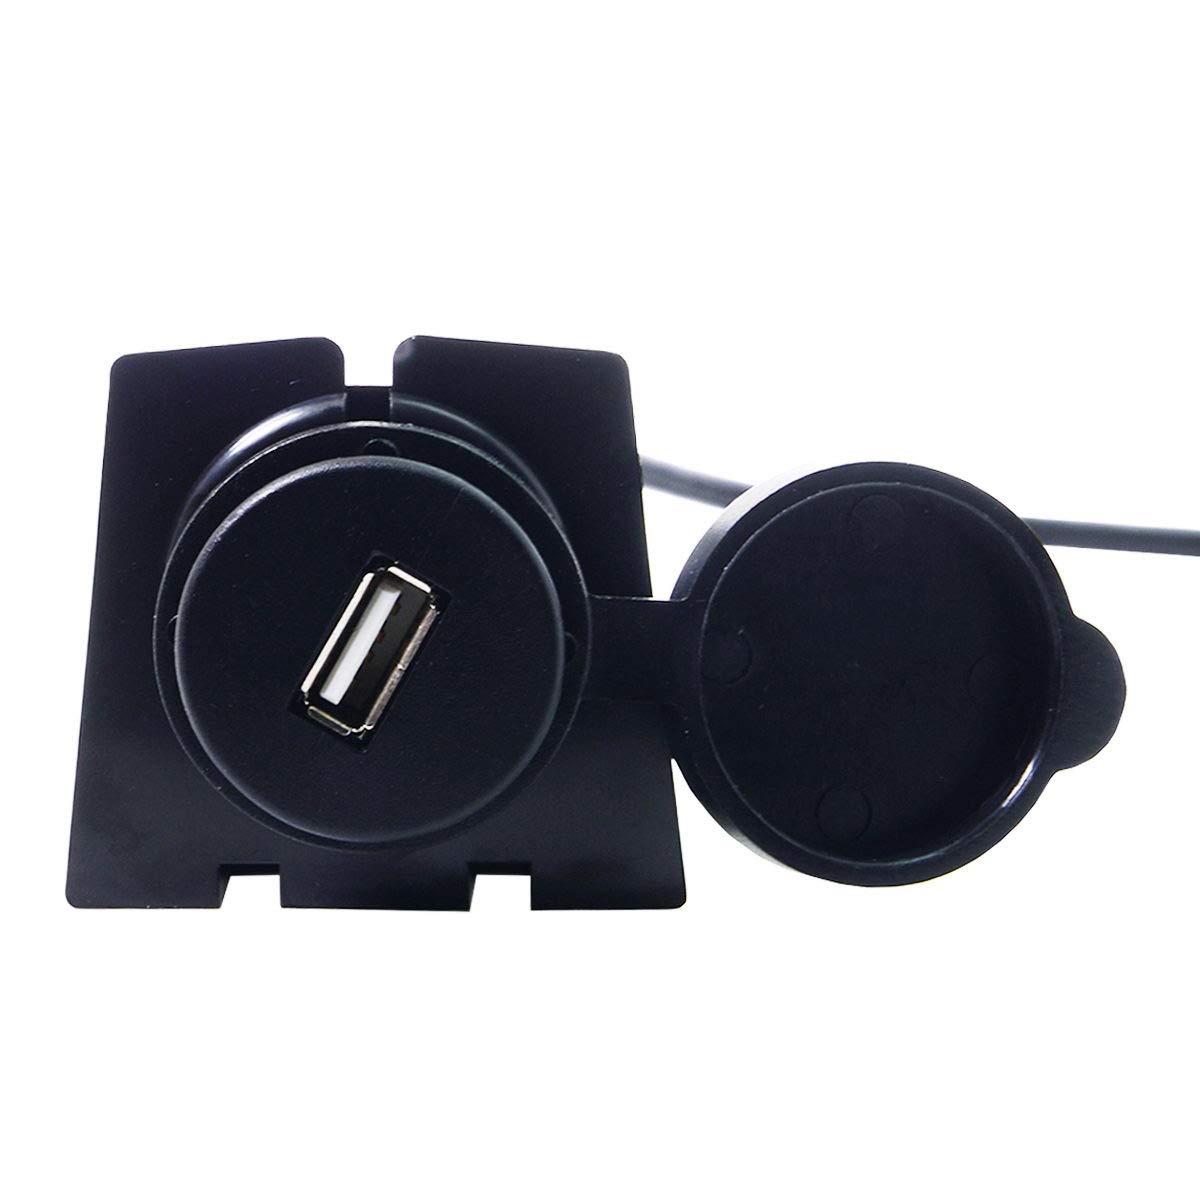 impermeabile per cruscotto 1 m Prolunga USB 2.0 con porta singola AUX montaggio a incasso CY